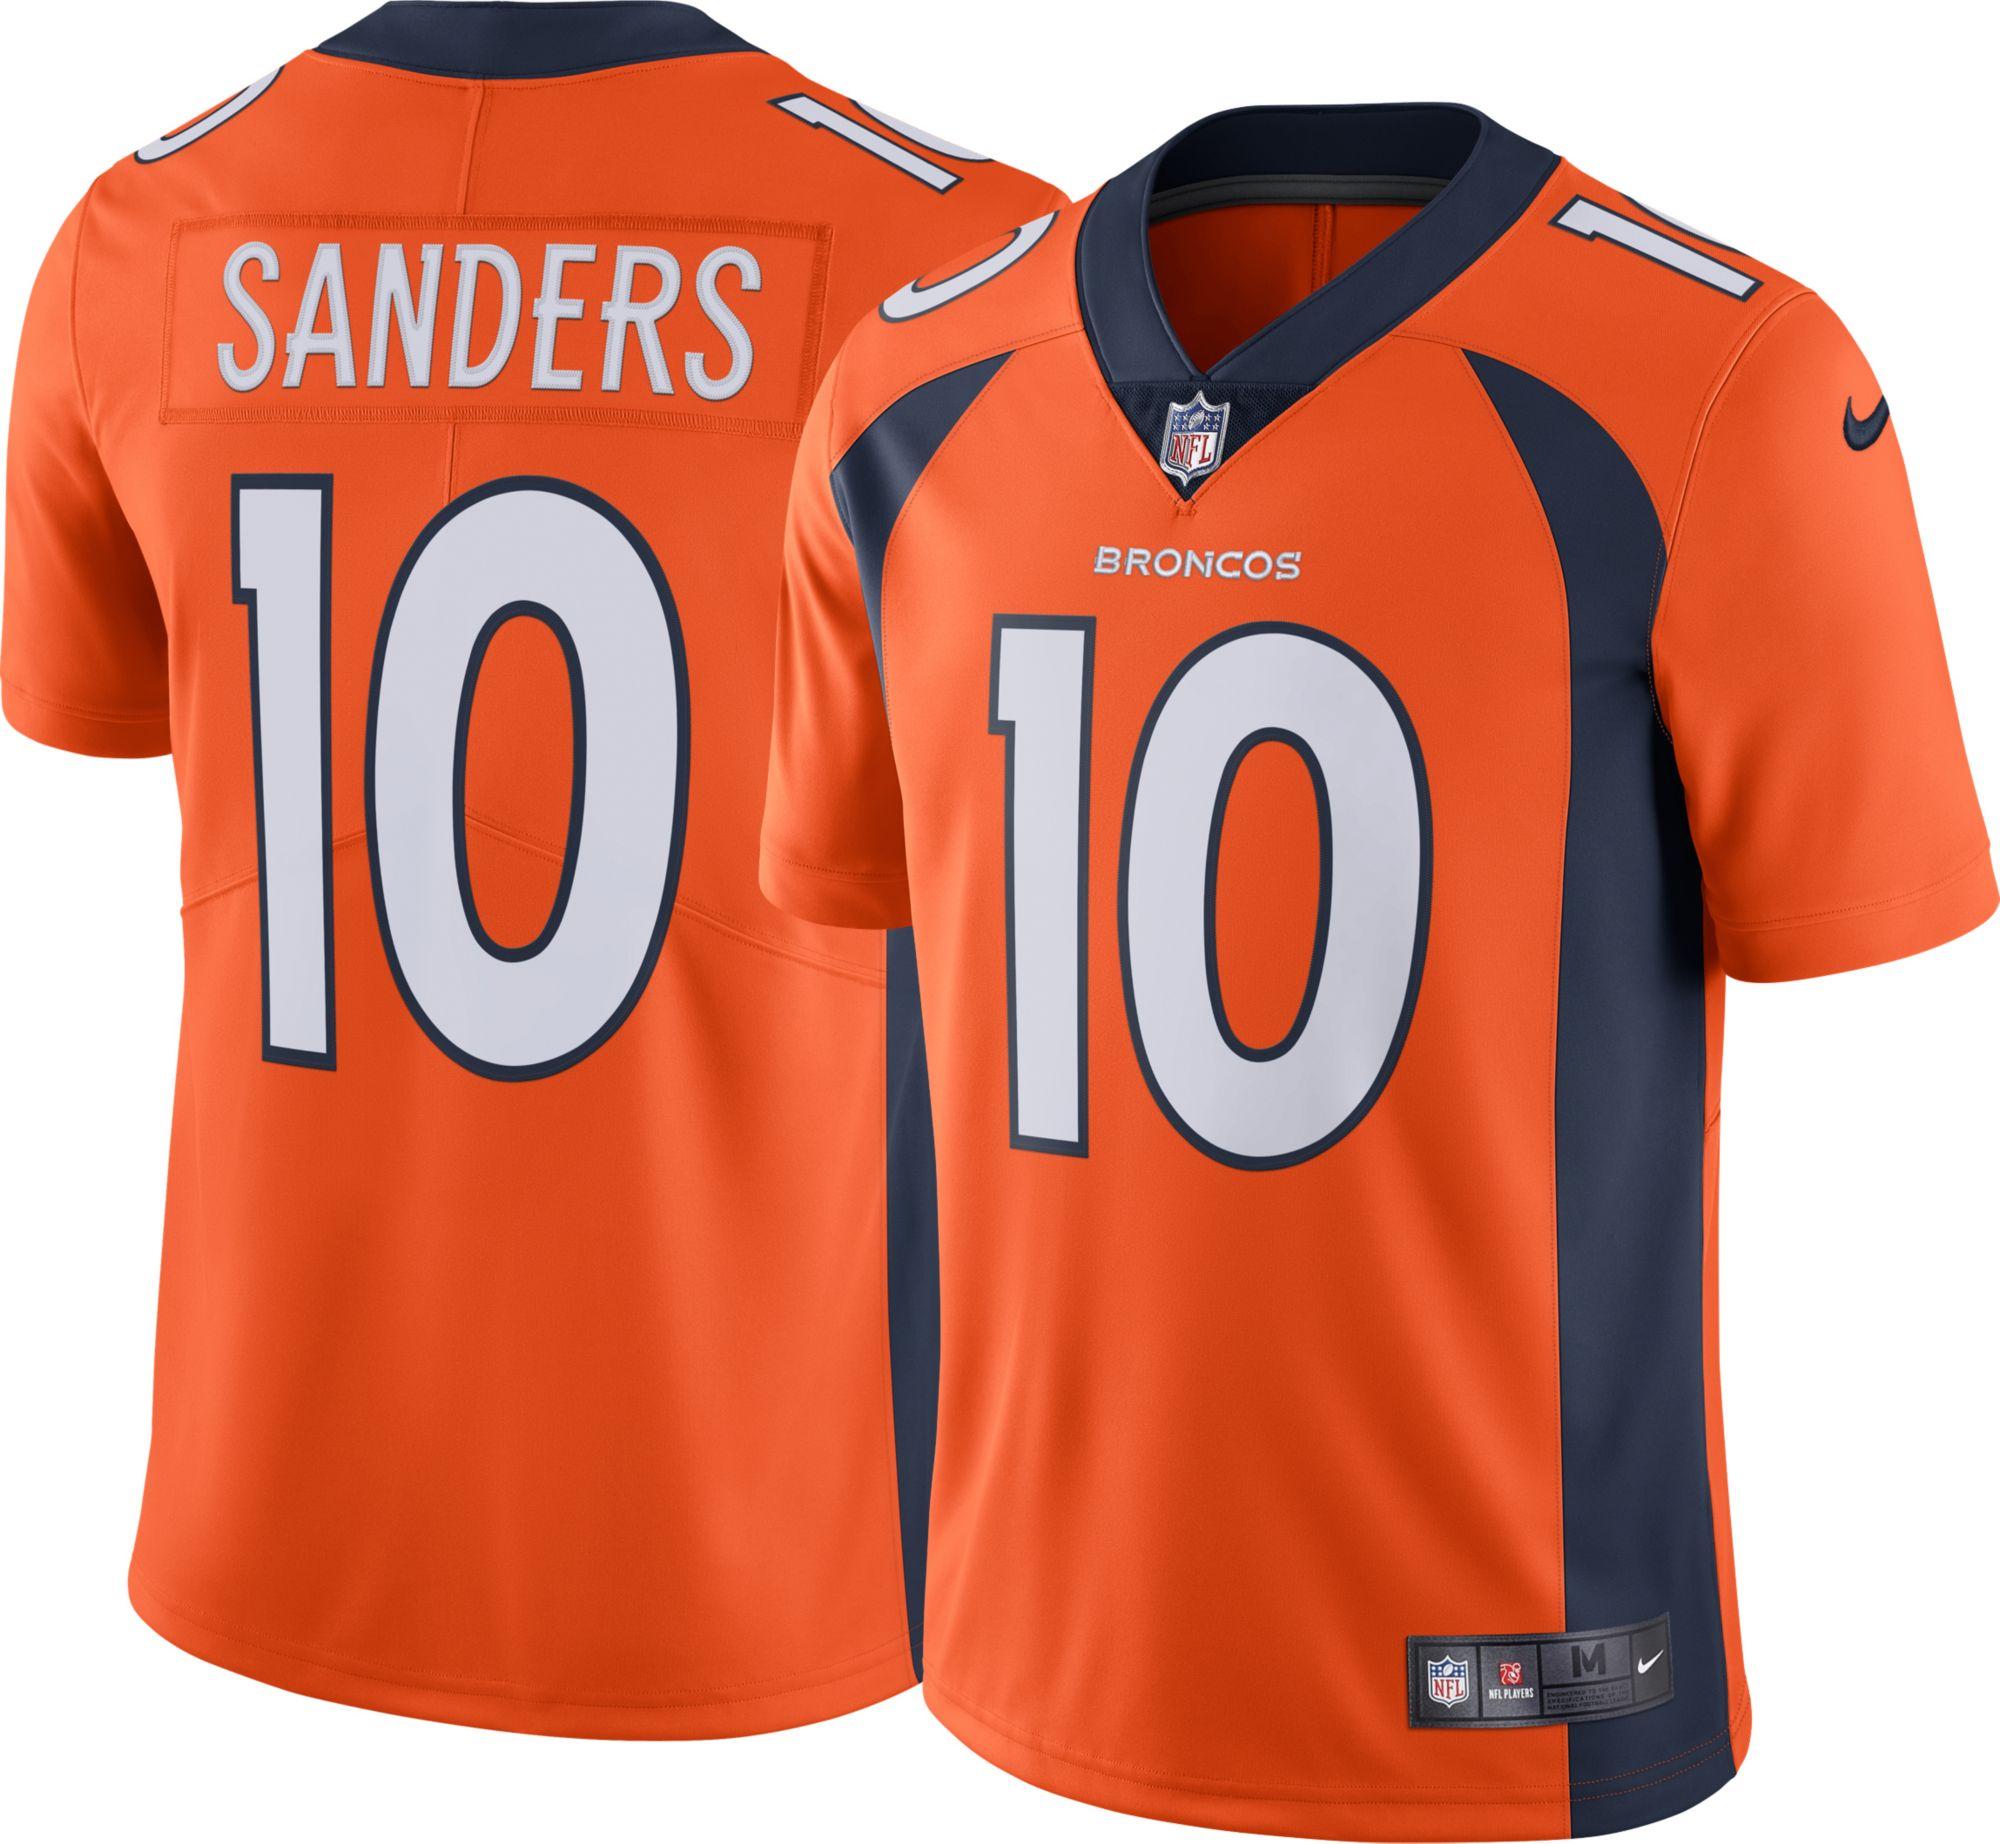 cheap emmanuel sanders jersey